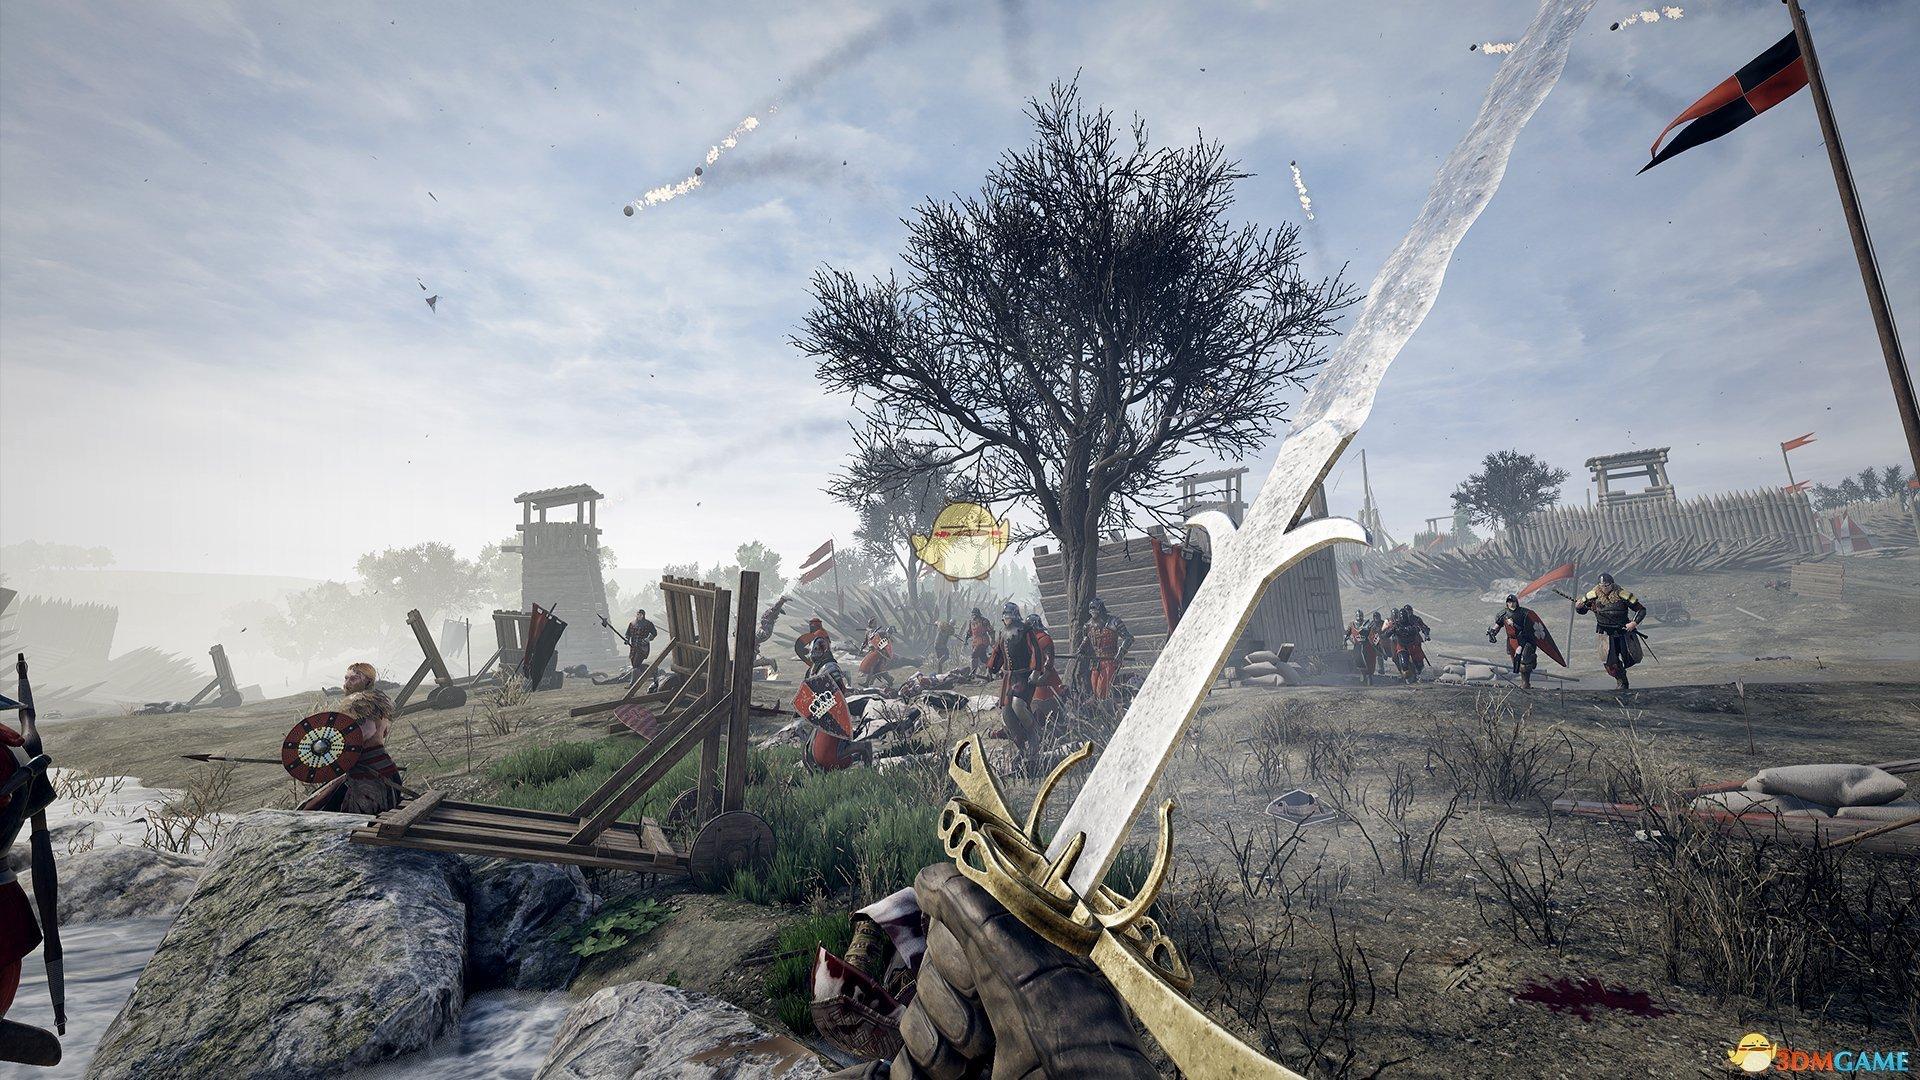 《雷霆一击(Mordhau)》剑使用心得